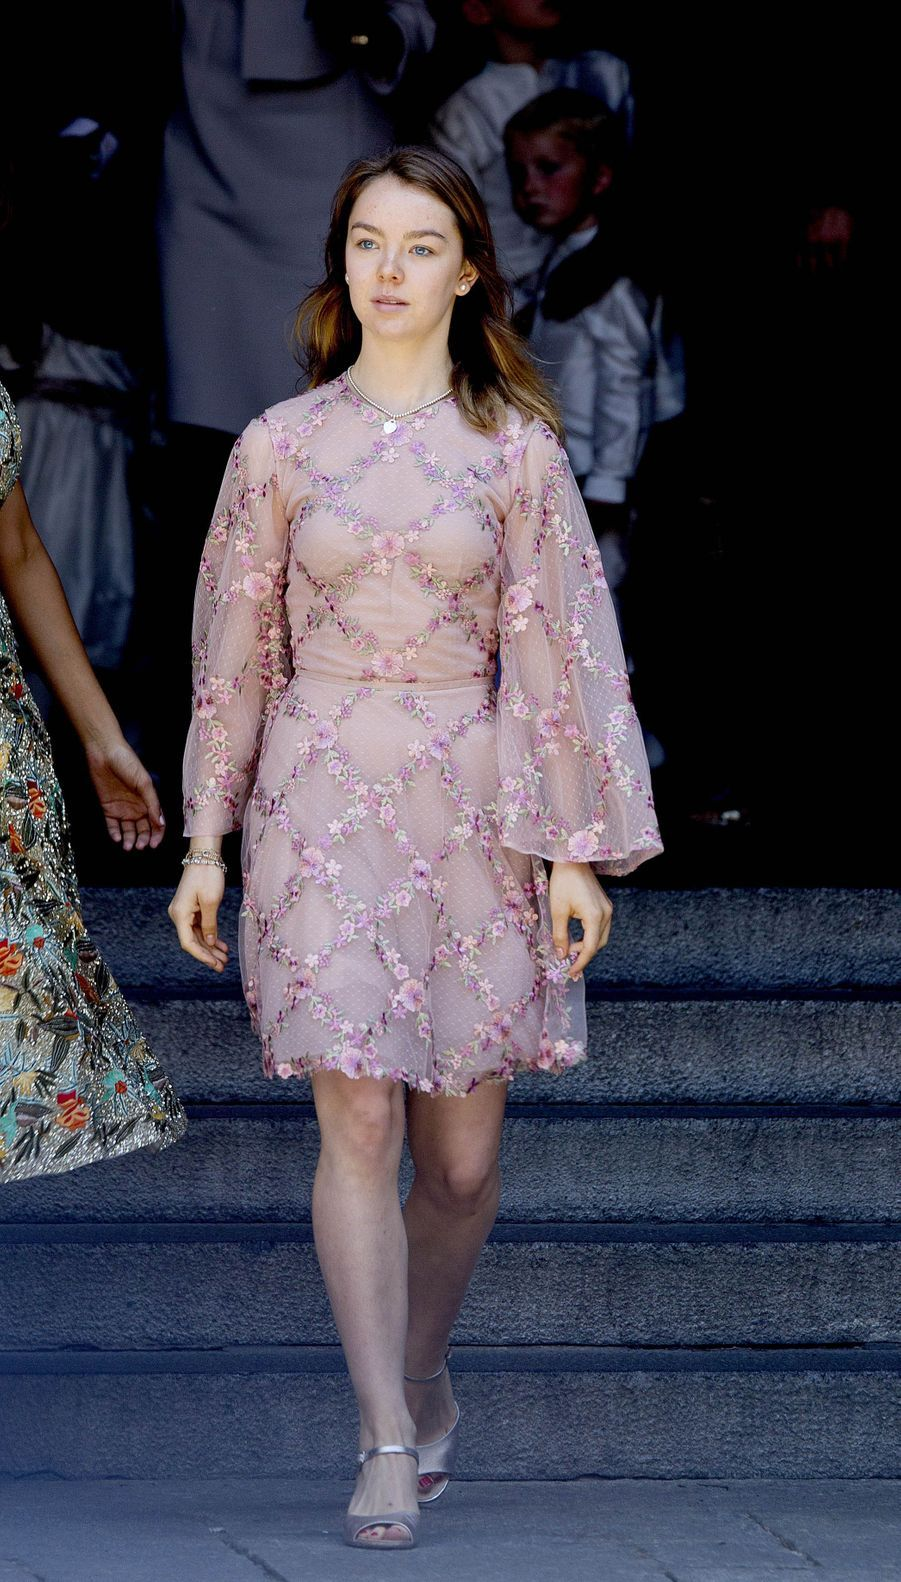 La princesse Alexandra de Hanovre à Hanovre, le 8 juillet 2017